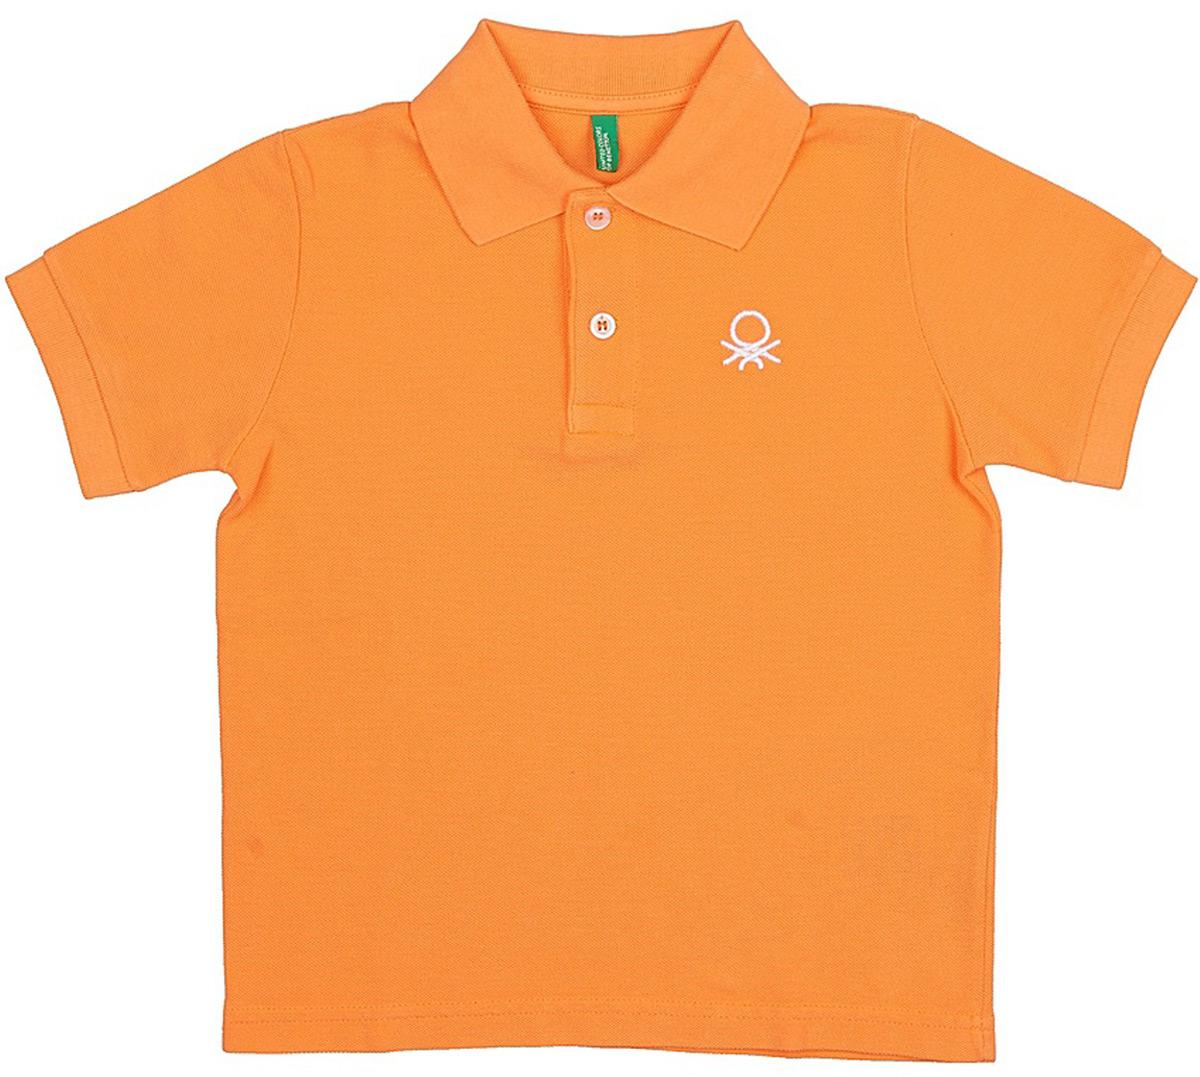 Поло для мальчиков United Colors of Benetton, цвет: оранжевый. 3089C3303_0E8. Размер 1303089C3303_0E8Лаконичное поло от United Colors of Benetton выполнено из натурального хлопкового трикотажа. Модель с короткими рукавами и отложным воротником на груди застегивается на пуговицы.